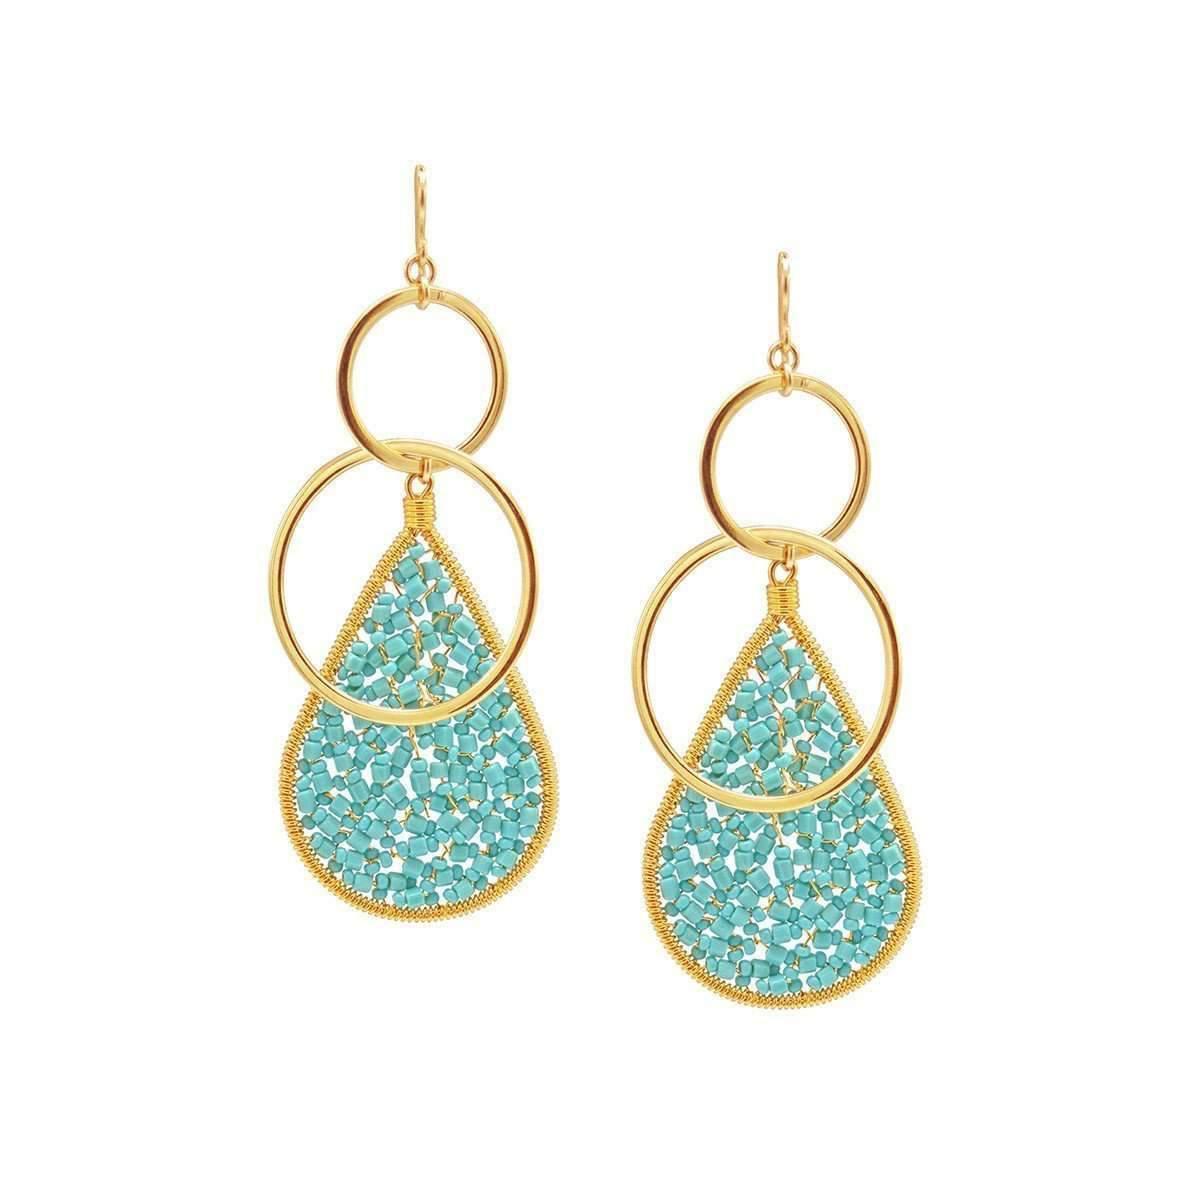 Devon Leigh Turquoise & Coral Teardrop Earrings kNKe94DR